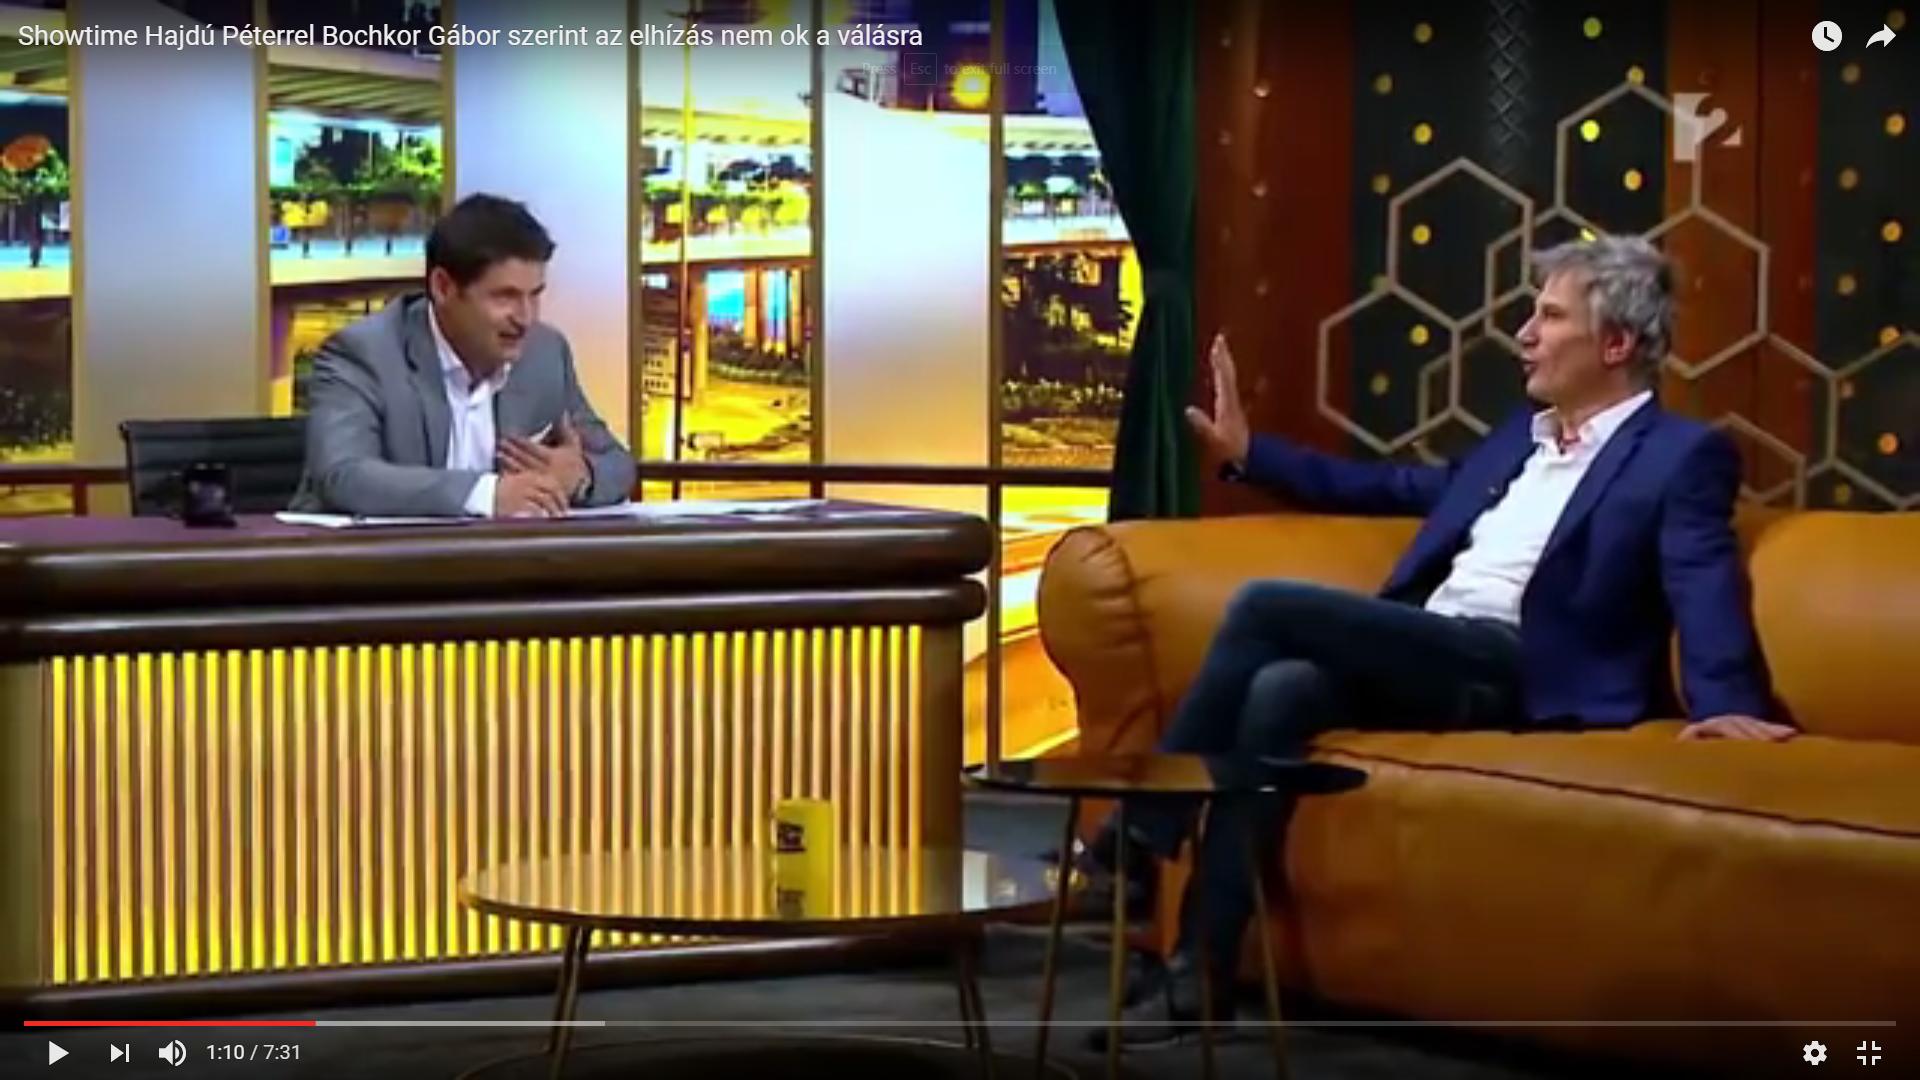 Hashtag Bochkor címmel indul valakinek műsora az ATV-n